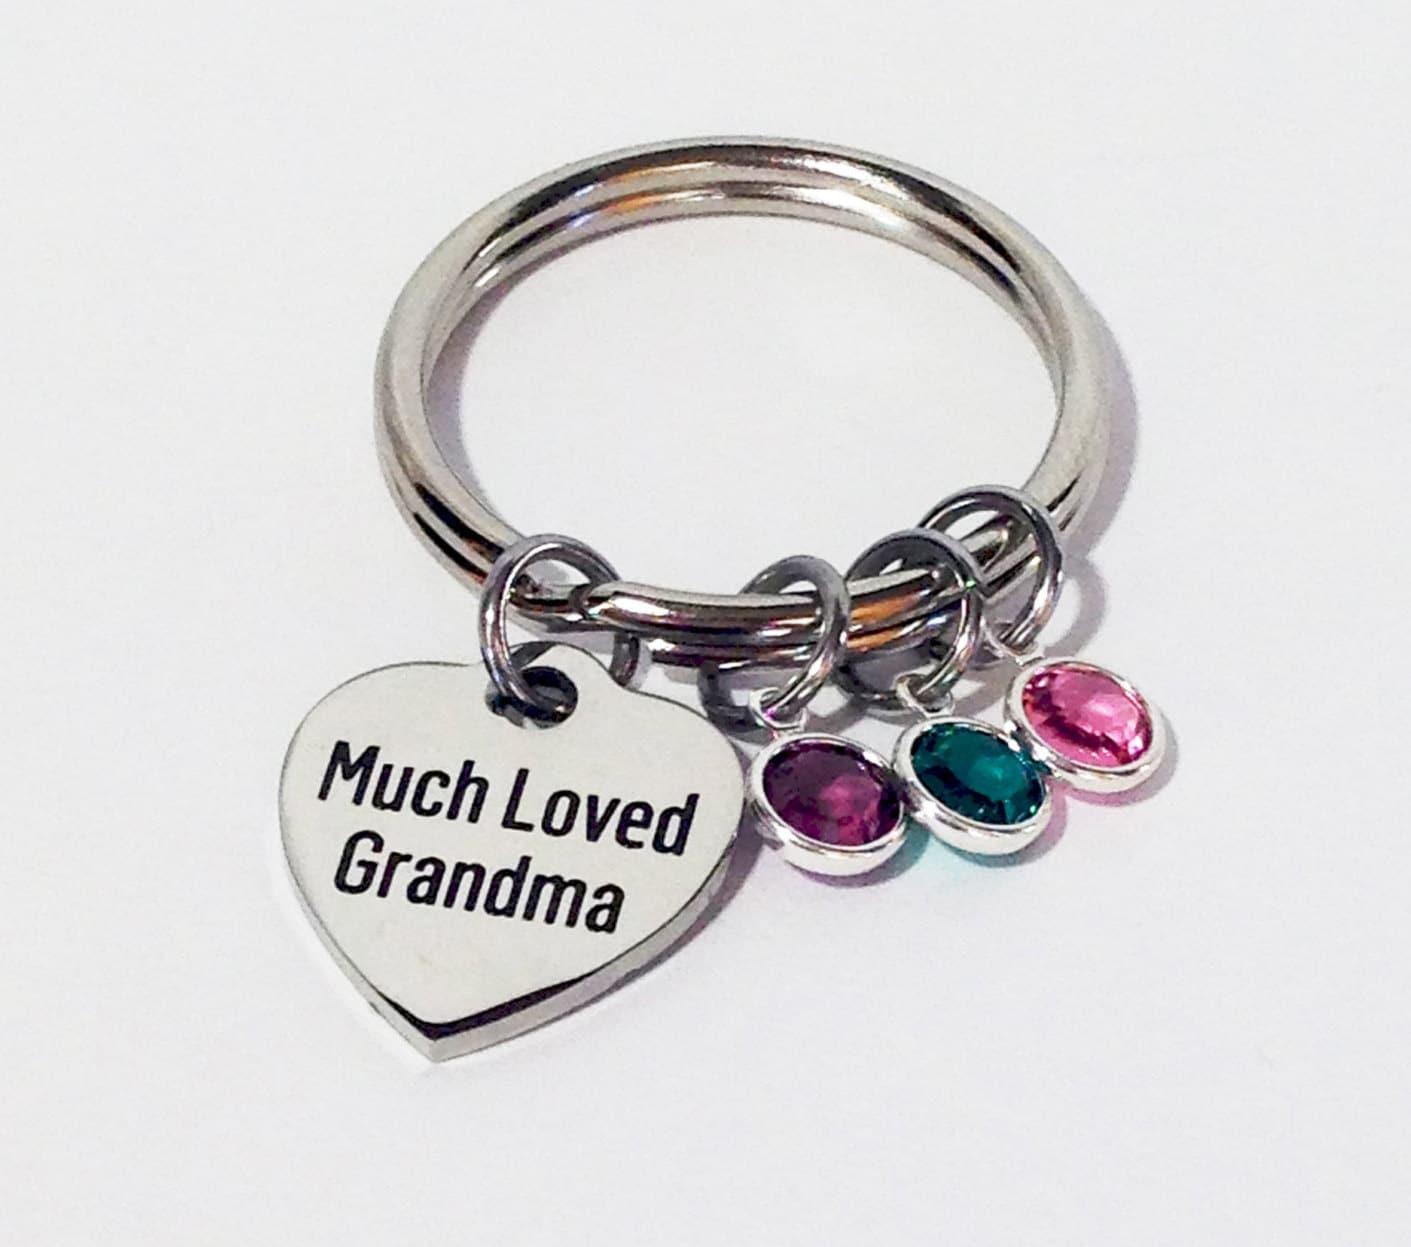 Christmas Gift for Grandma Grandma Grandma Gift Christmas